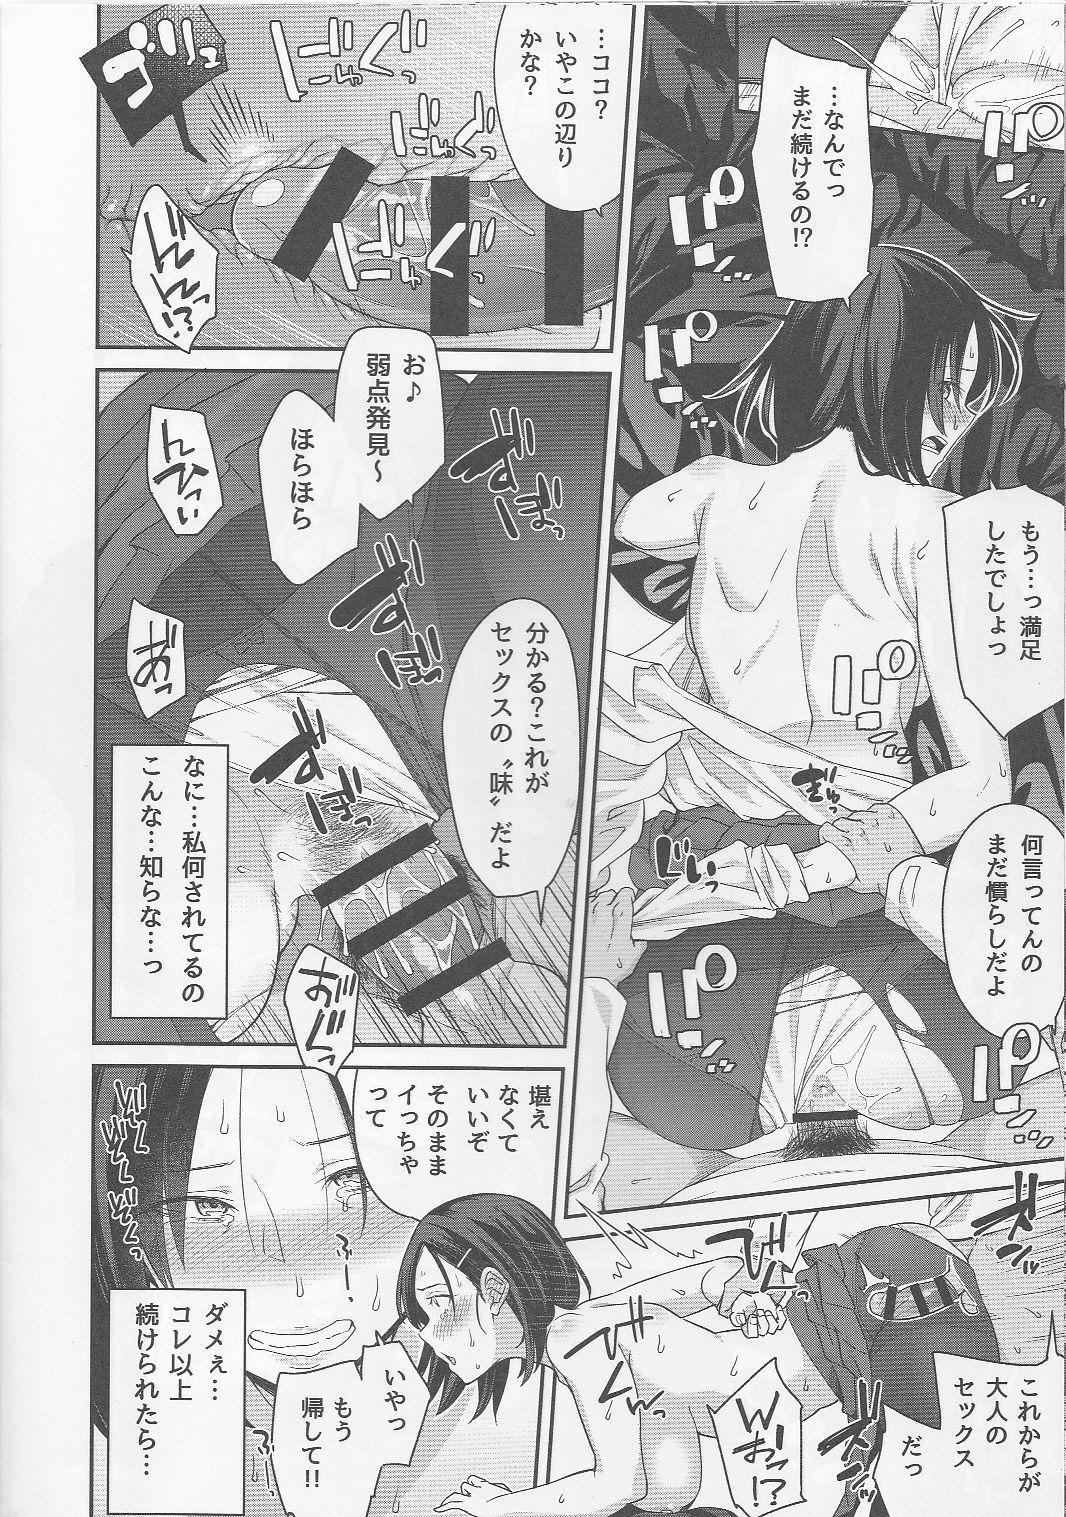 [Orikuchi Hirata] Toranoana Haru no Adult Kanshasai ~NTR Hen~ Kanojo no Shuumatsu Netorare Jijou 16